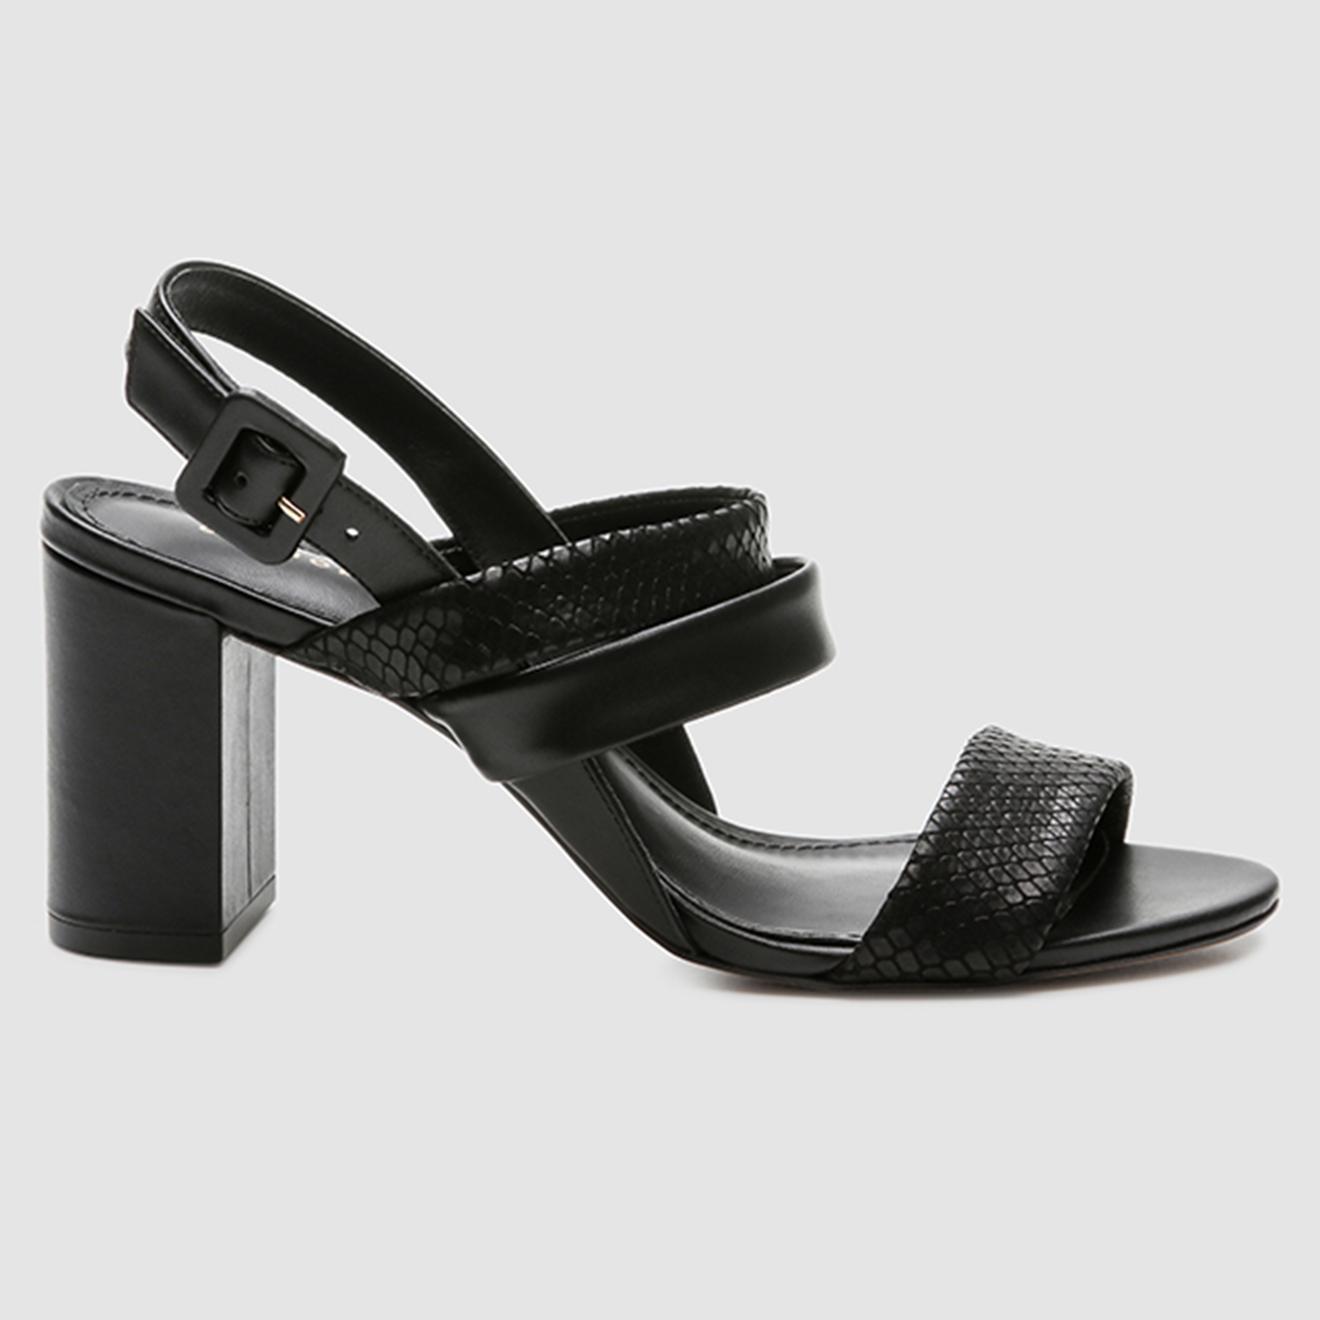 Sandales en Cuir python Javou - Talon 7 cm - Cosmoparis - Modalova